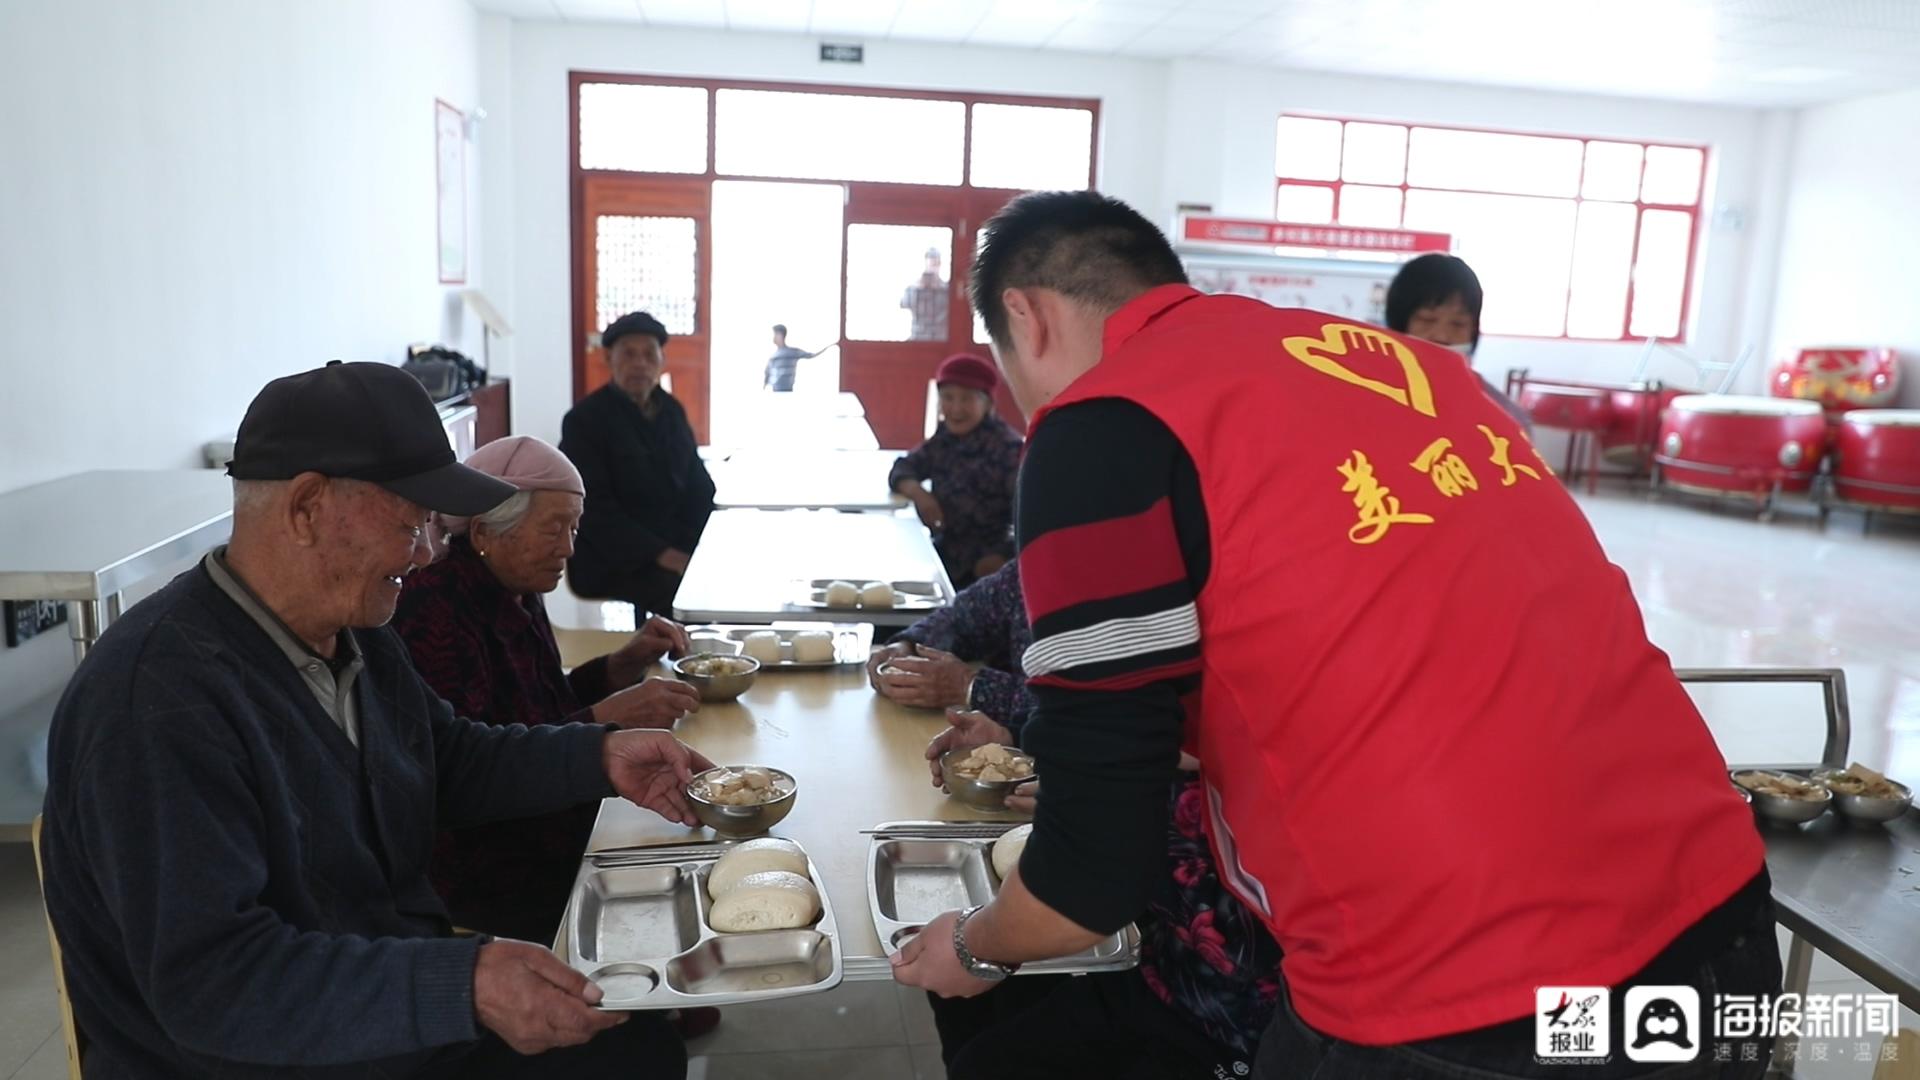 """为了人民①丨""""宣言""""照初心 ——中国第一版《共产党宣言》的山东故事"""